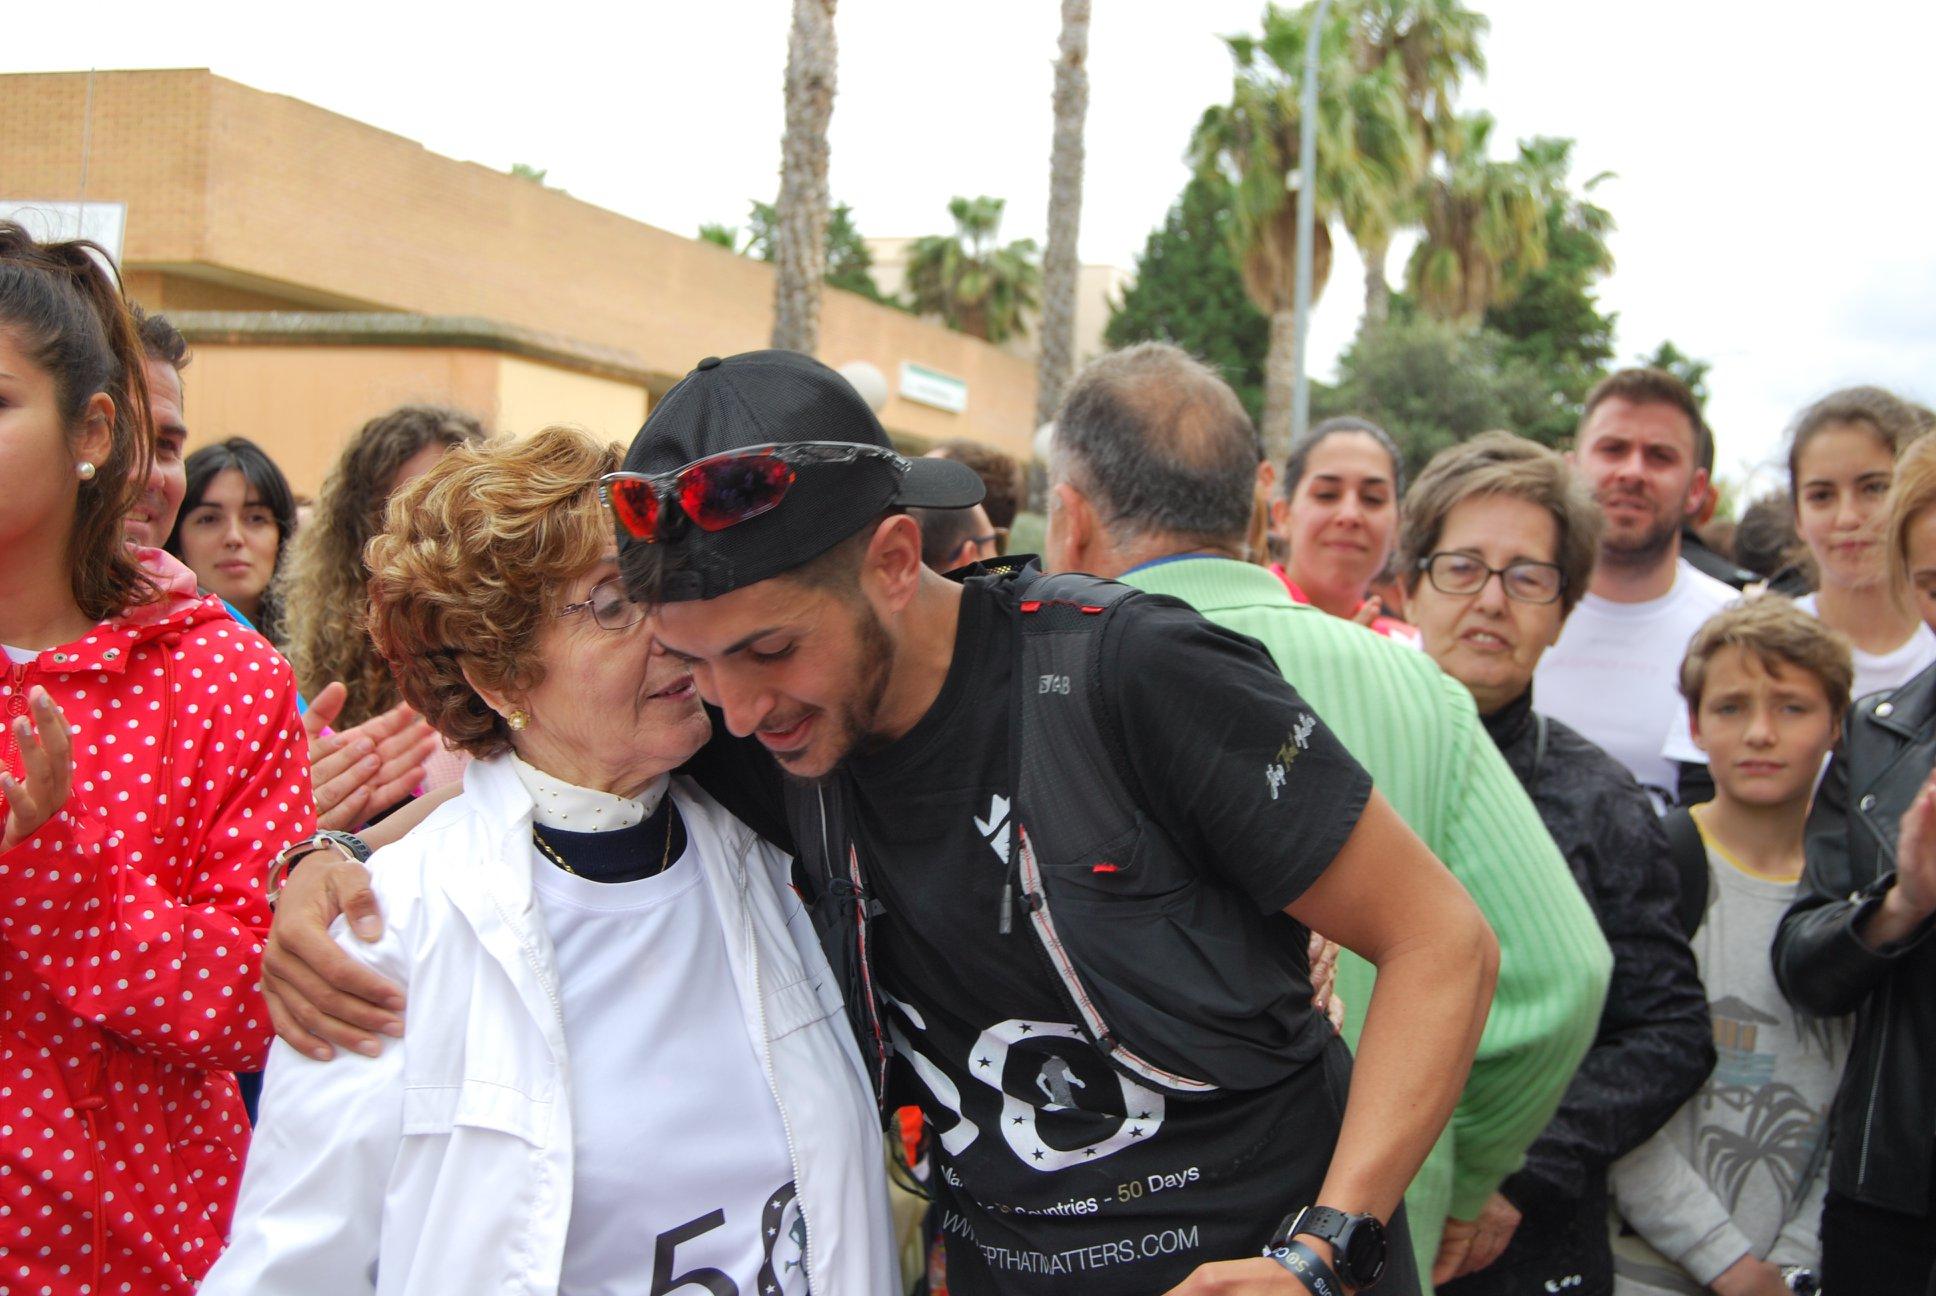 50 días, 50 países, 50 maratones - El extremeño Rubén Muñoz culminó el pasado sábado una «locura» para la que se ha estado preparando durante un año. «No era un reto físico, sino mental. El deporte se puede extrapolar a la vida», confiesa tras atravesar momentos muy duros